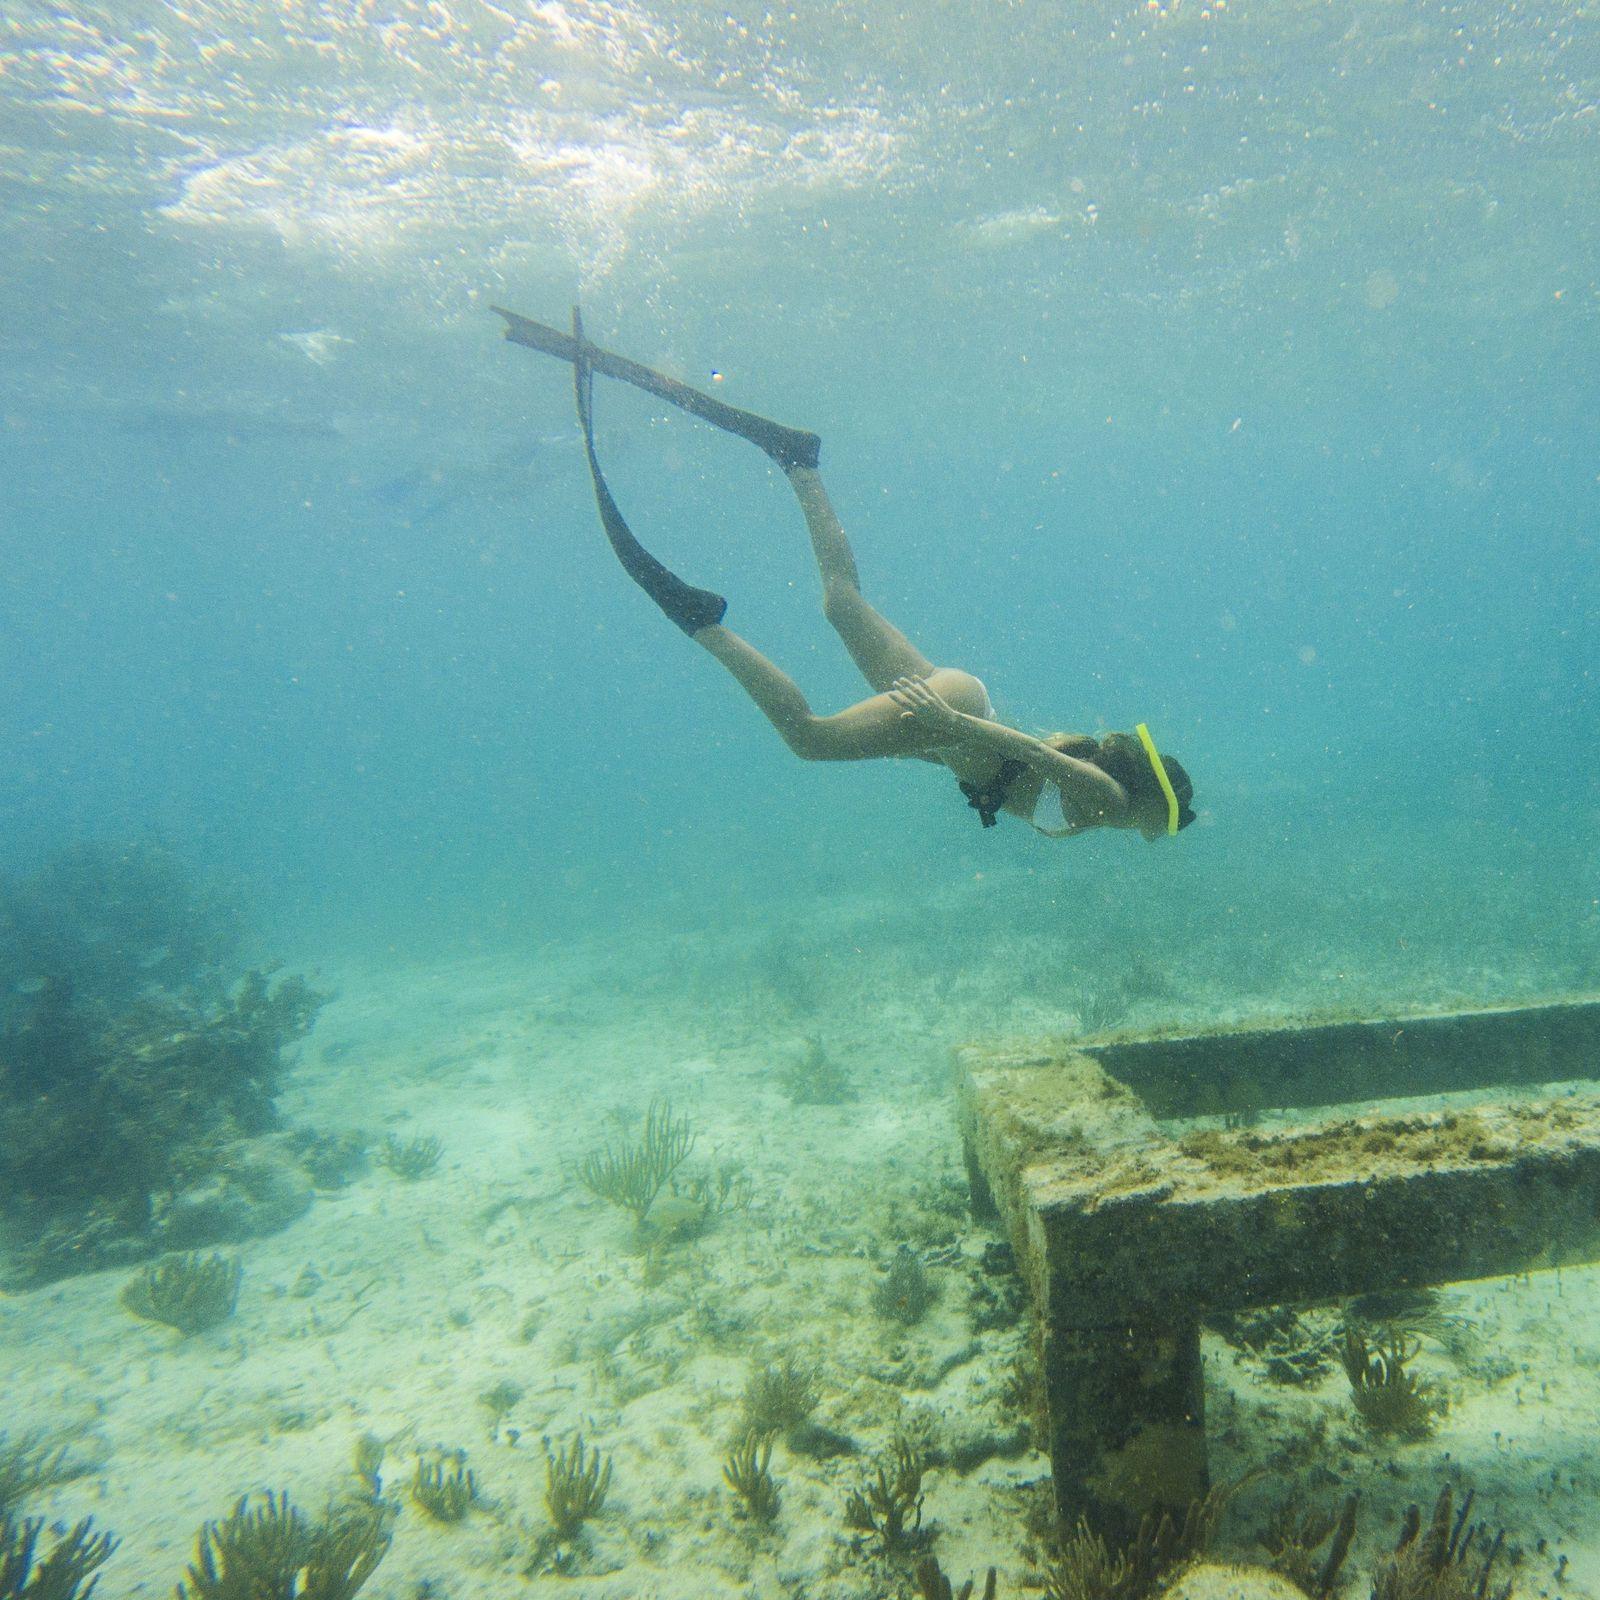 Fazer snorkel em MUSA em Cancún, México por Alex Lettrich